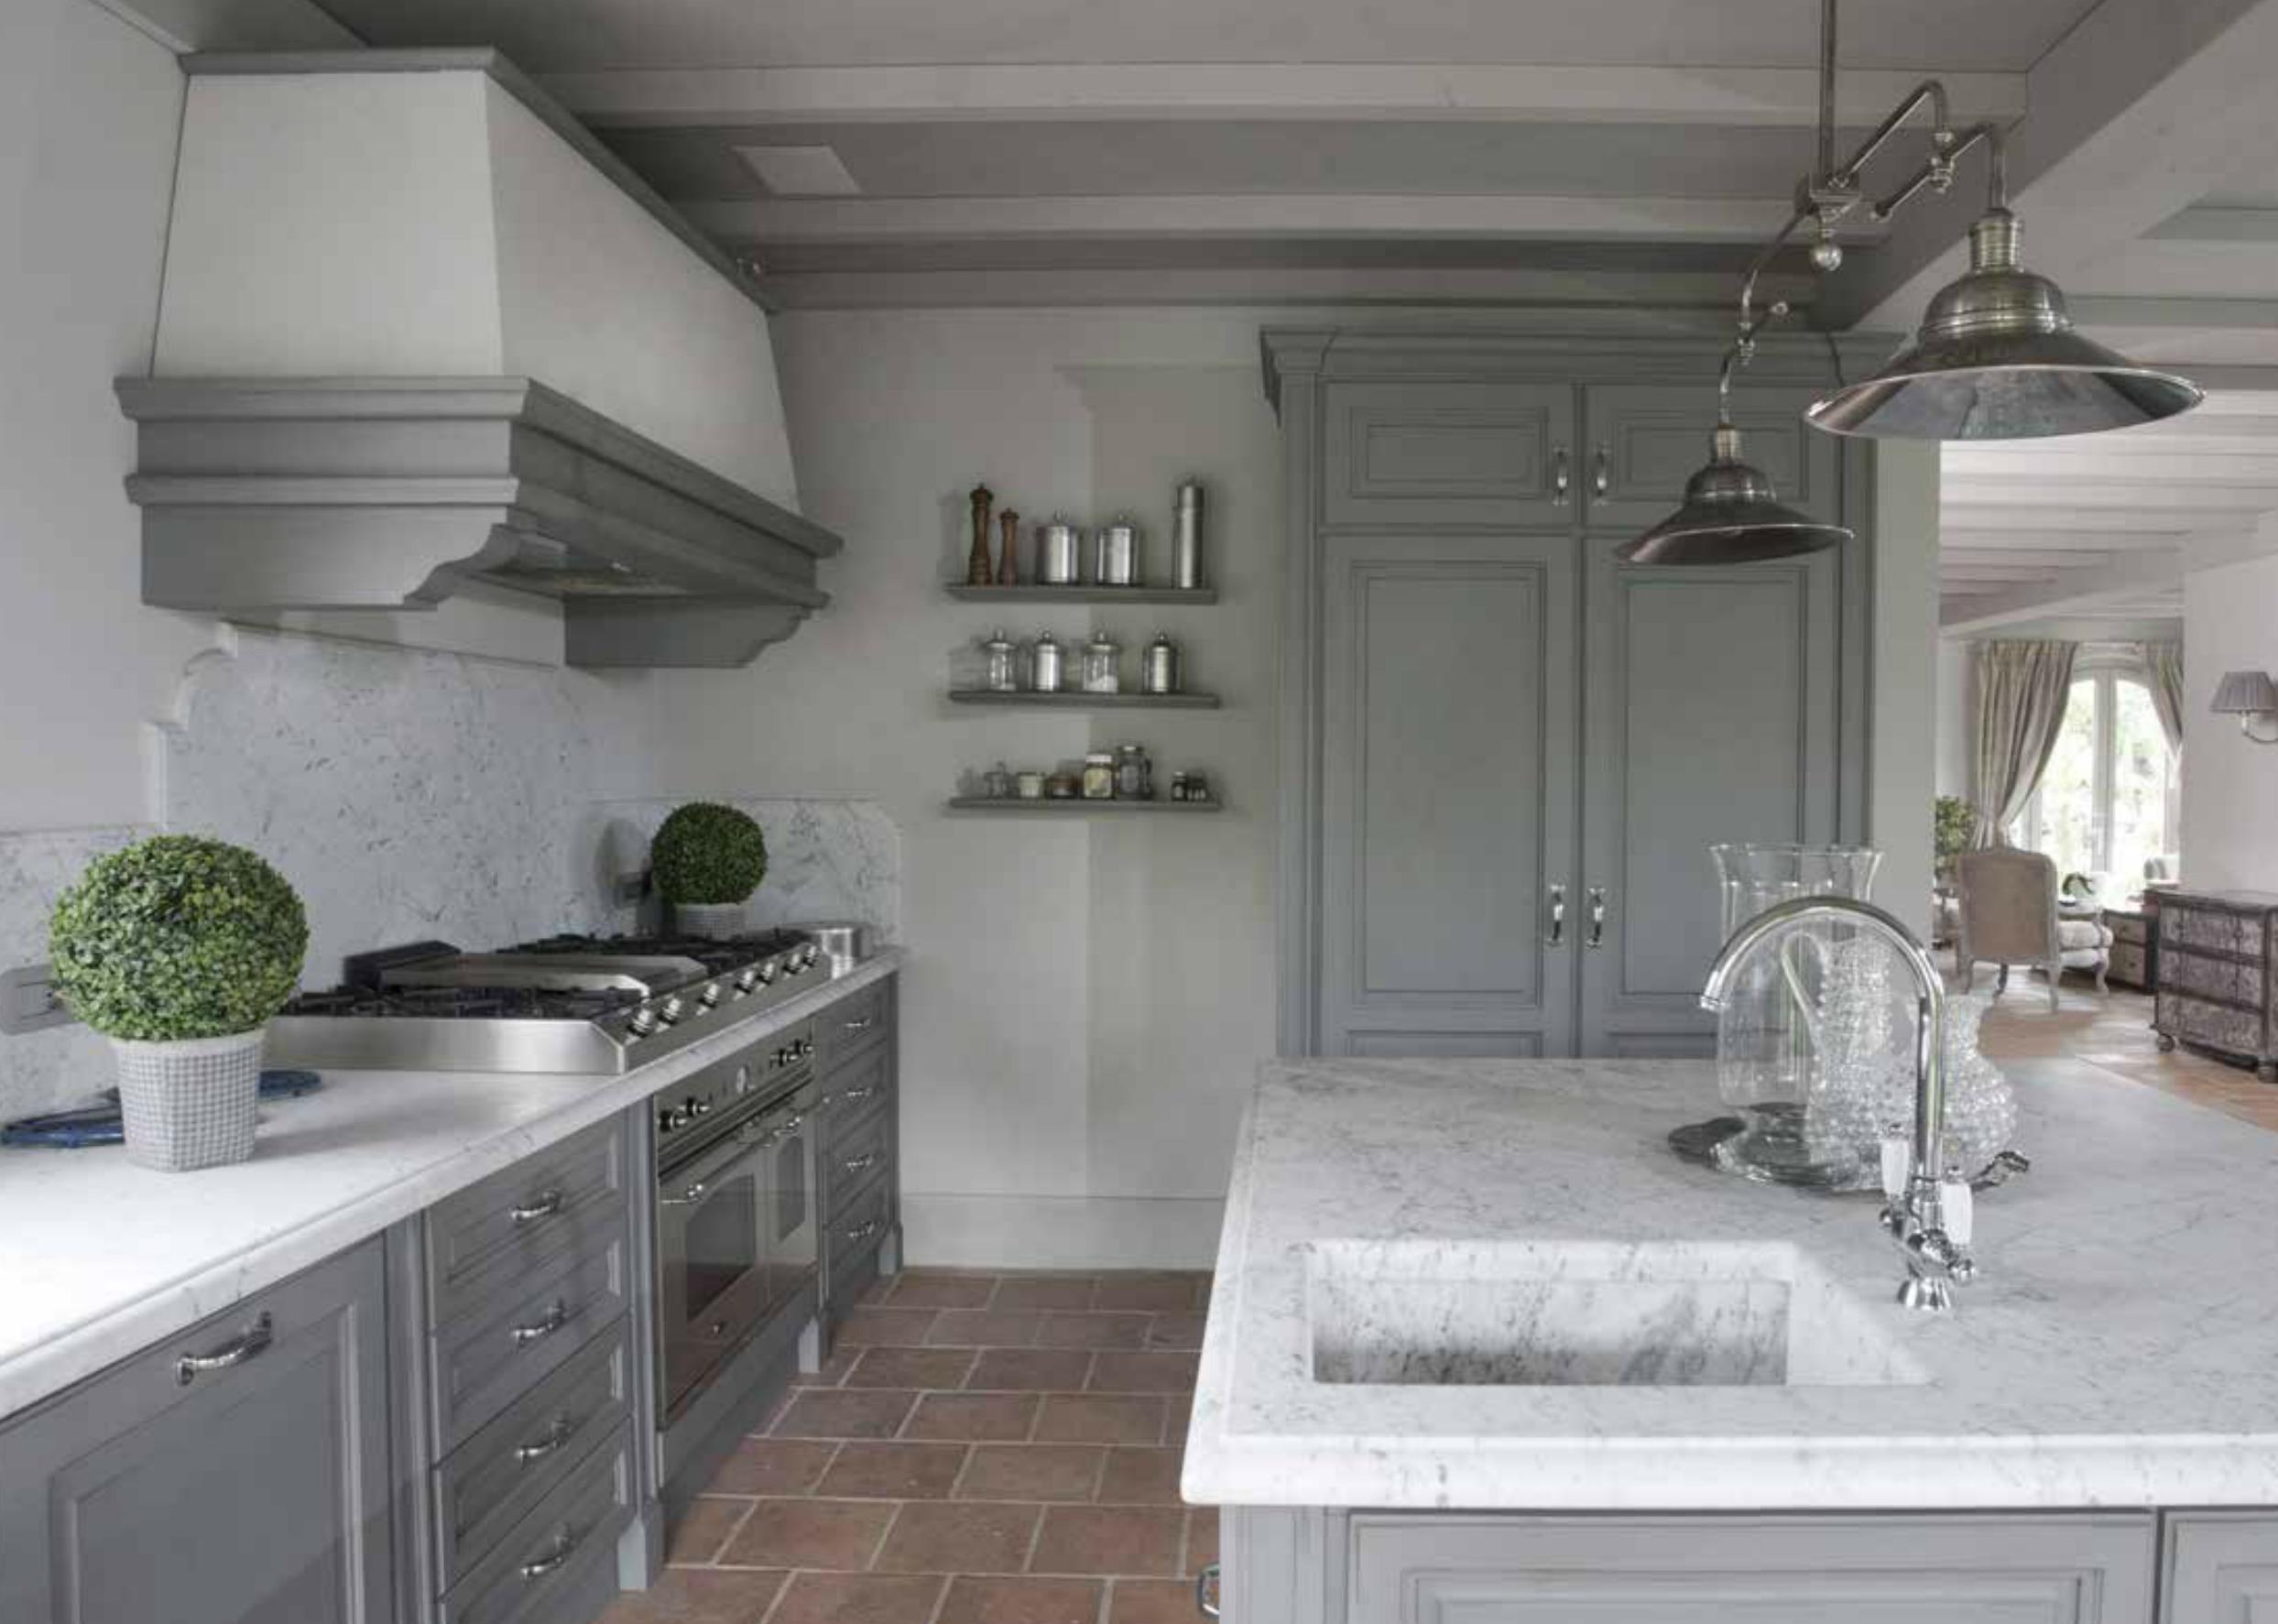 La cucina della villa due diverse possibilit for Layout della planimetria della cucina